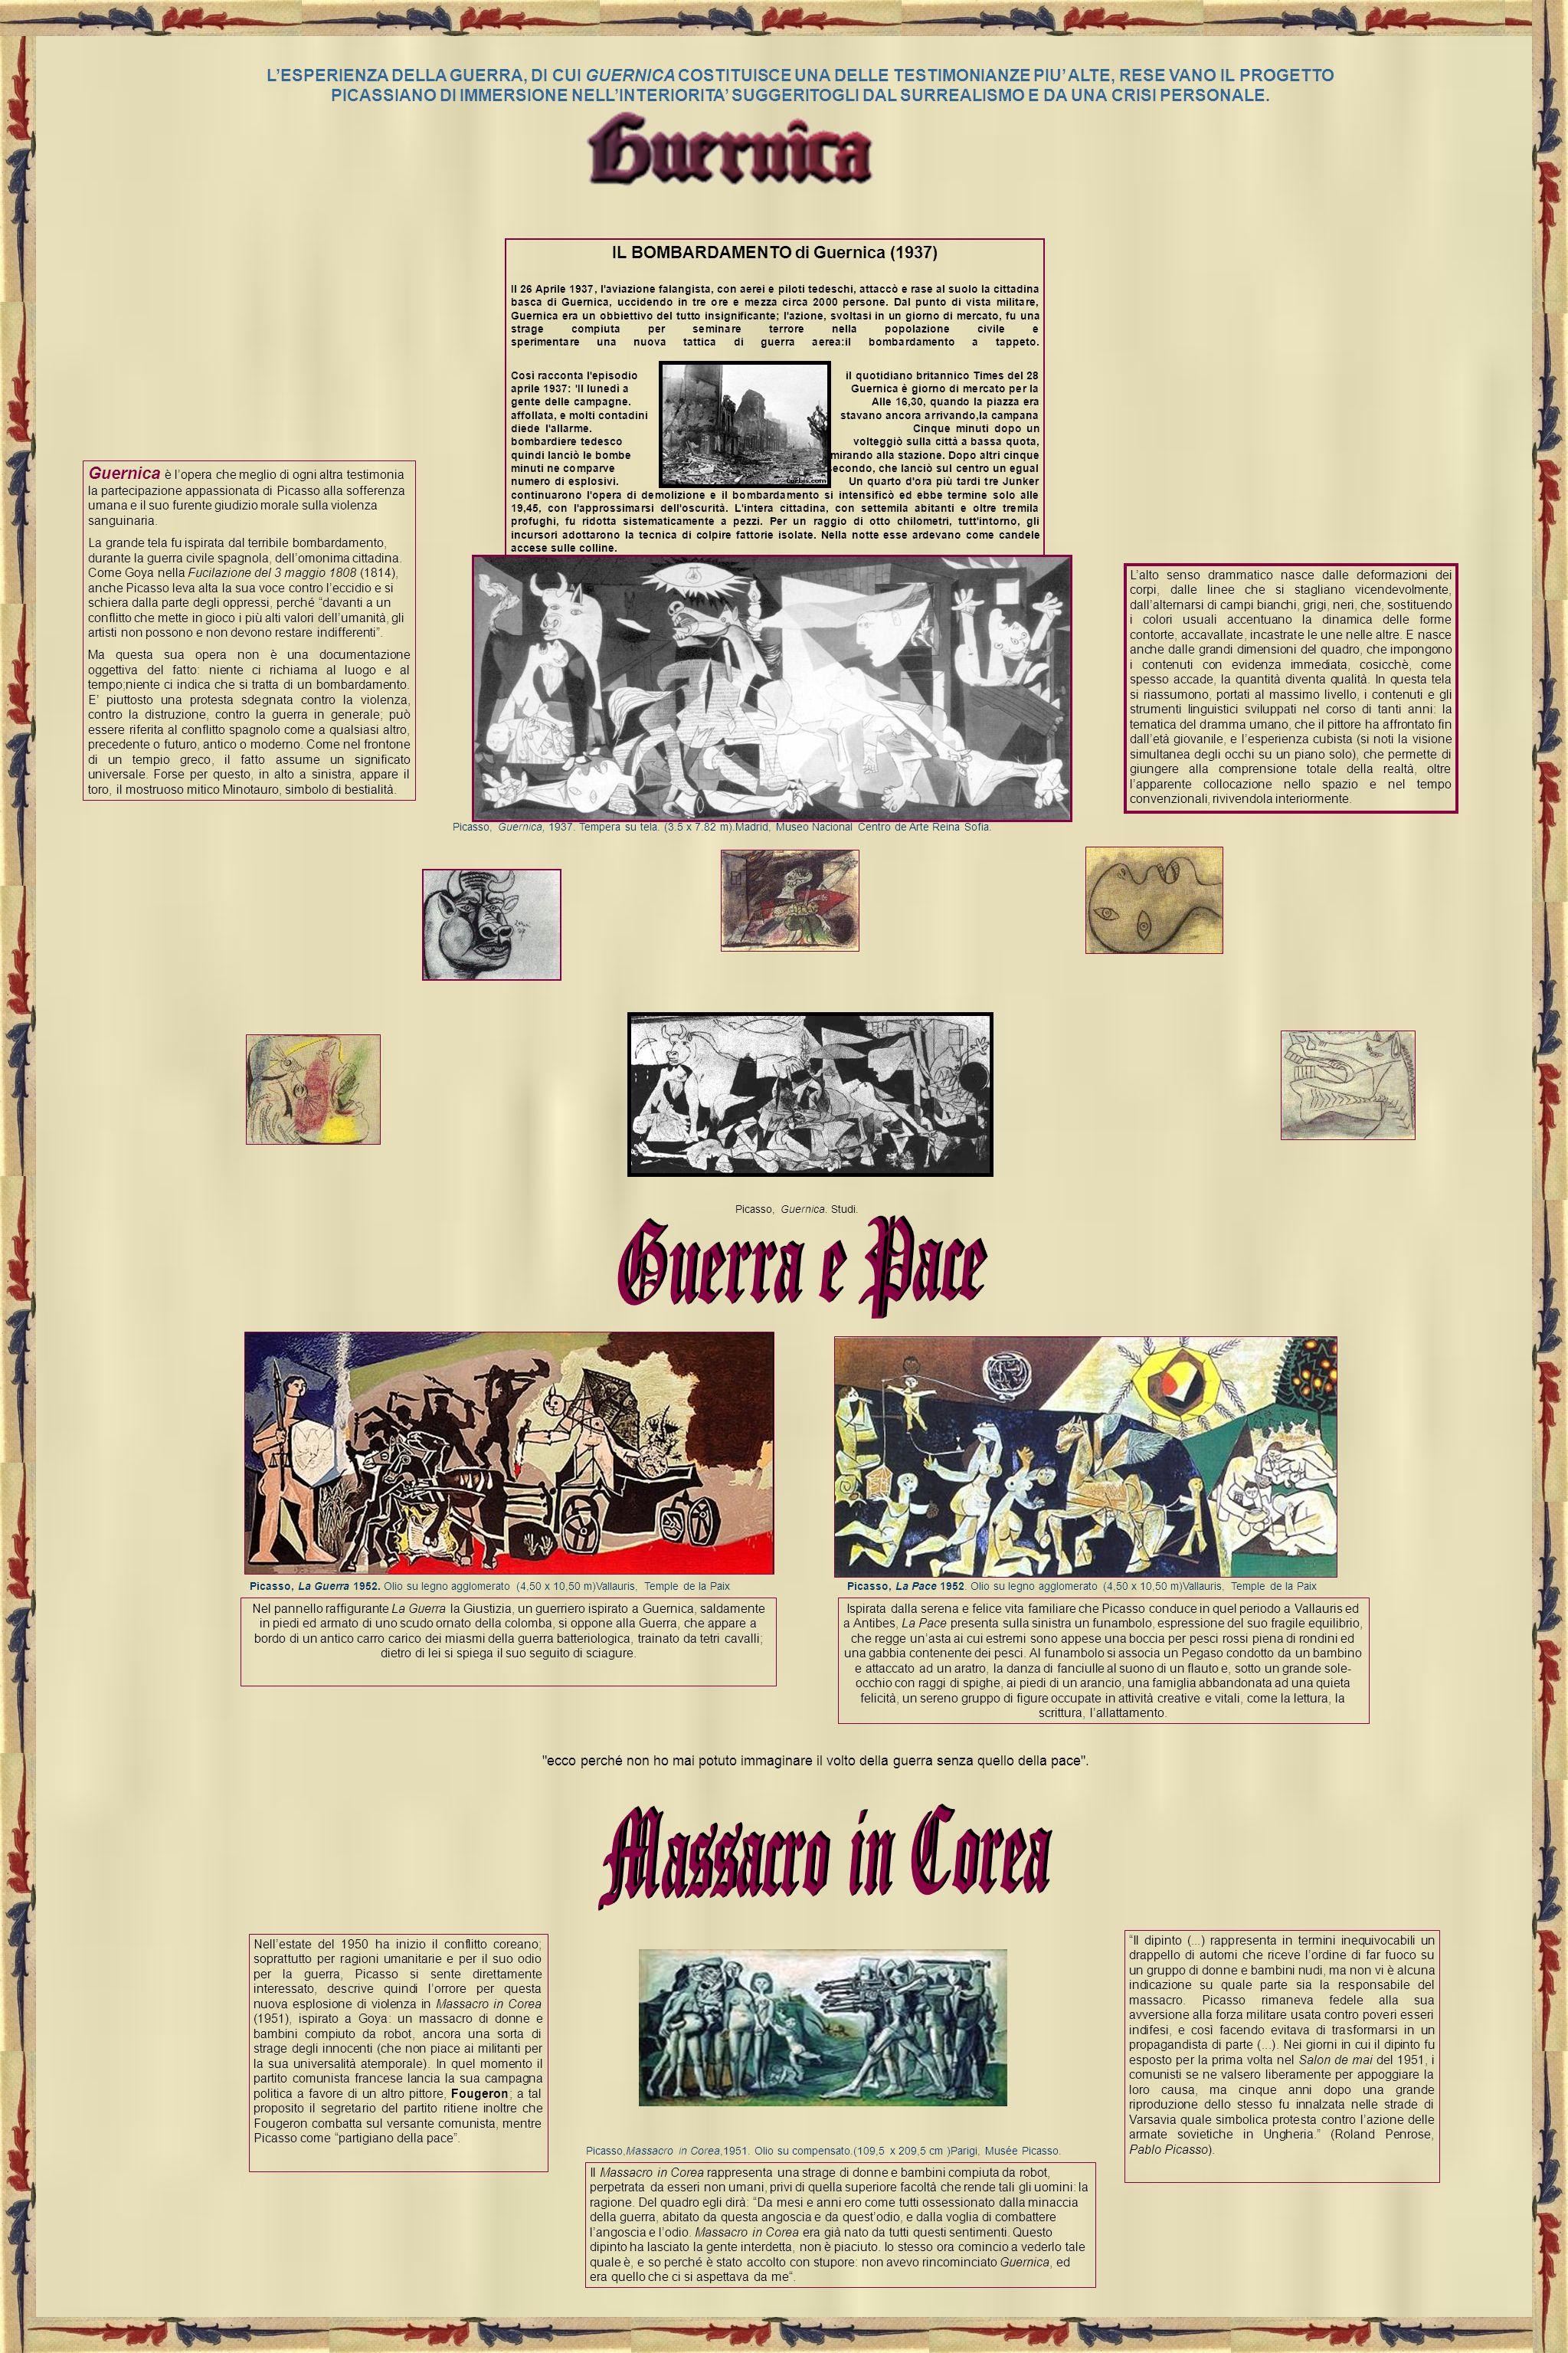 IL BOMBARDAMENTO di Guernica (1937)